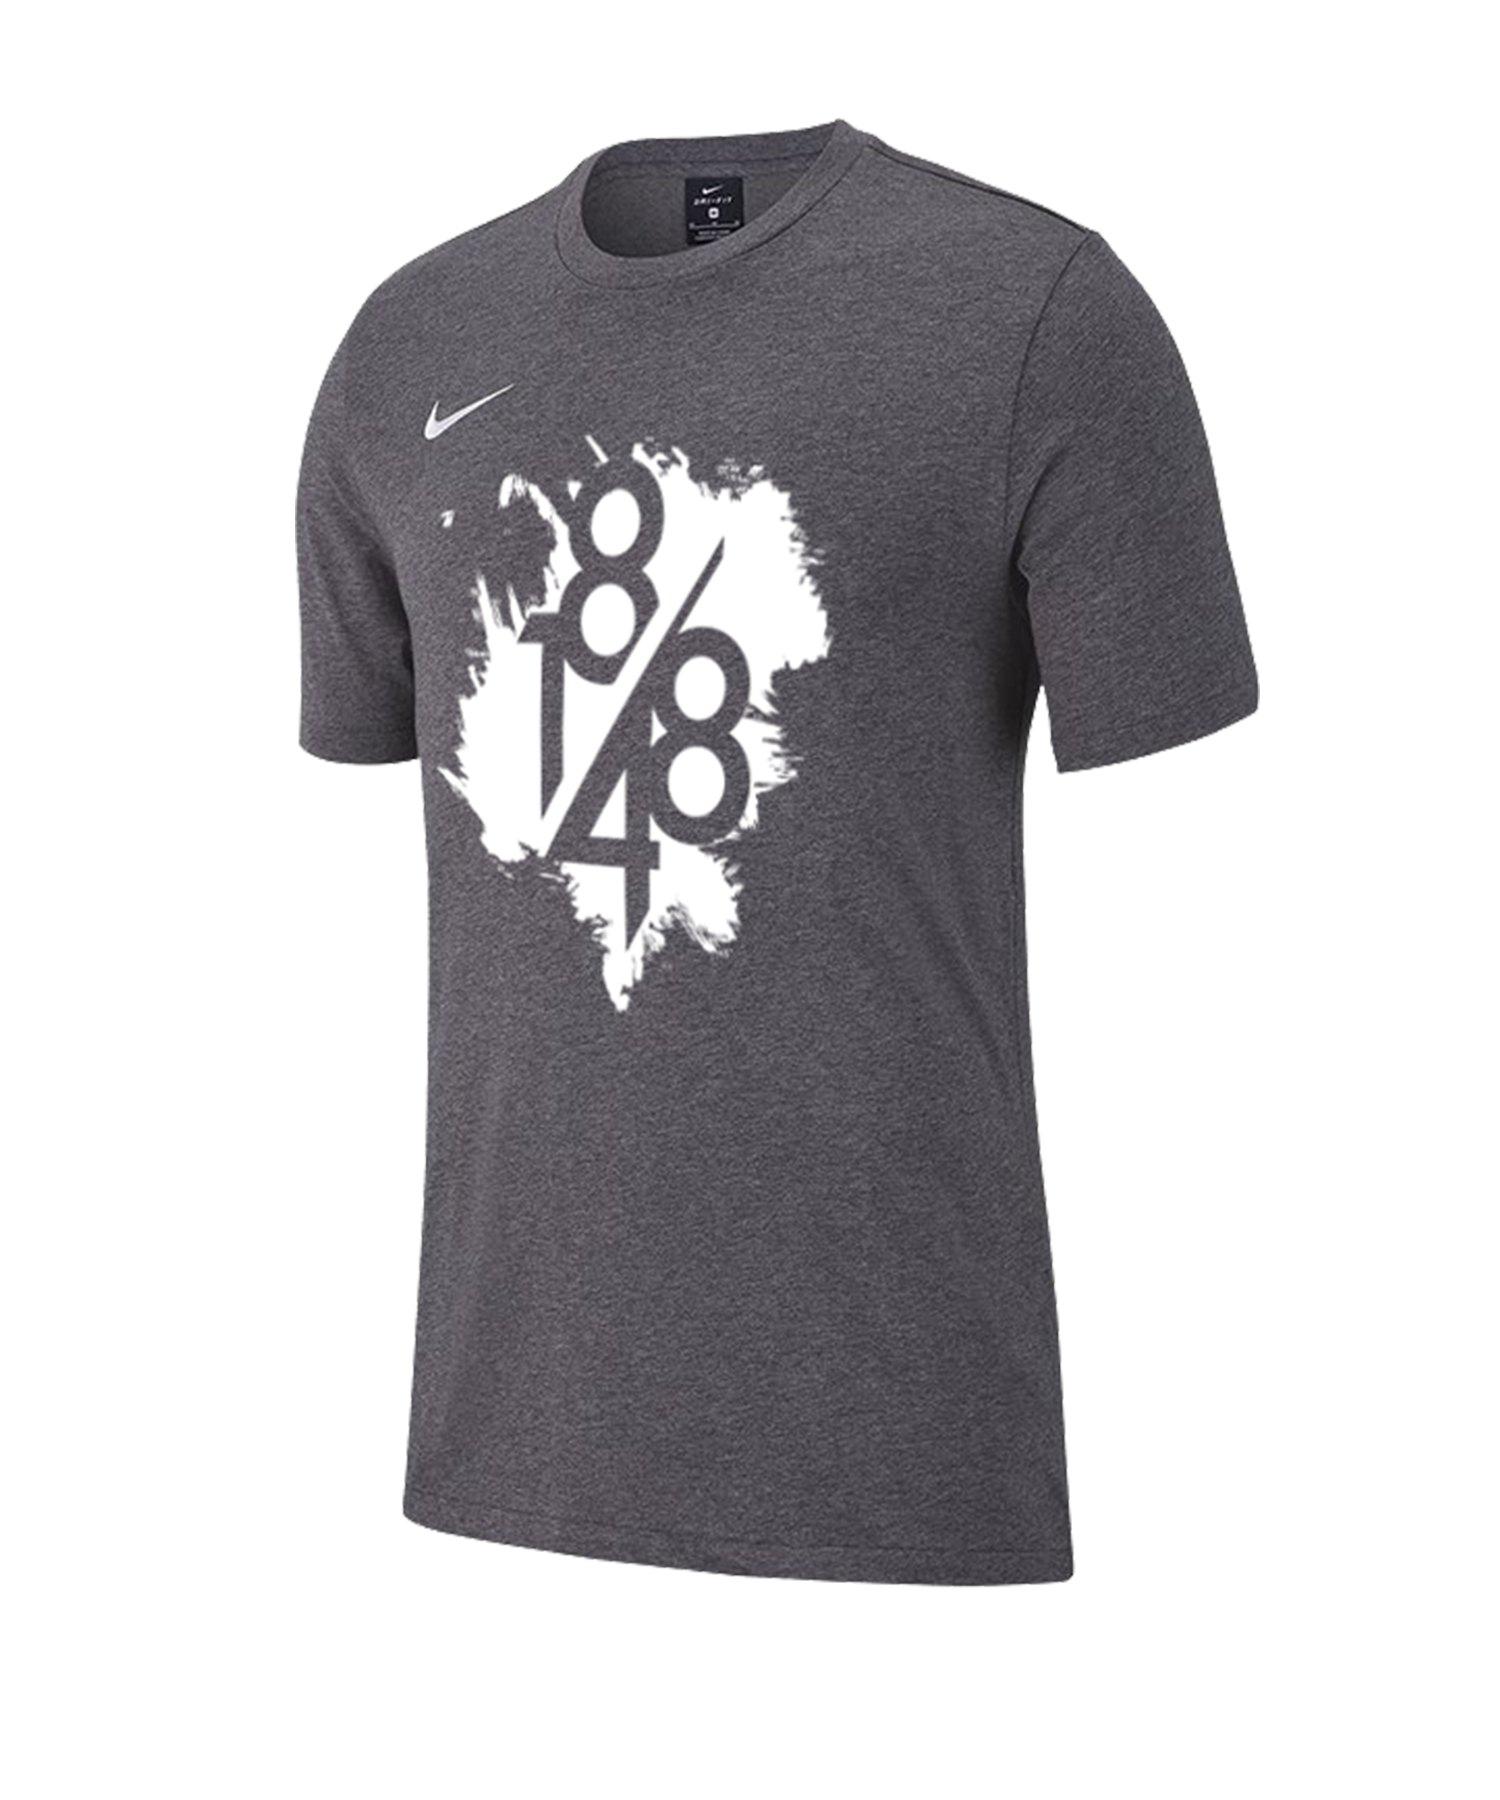 Nike VfL Bochum T-Shirt Kids Grau F071 - grau